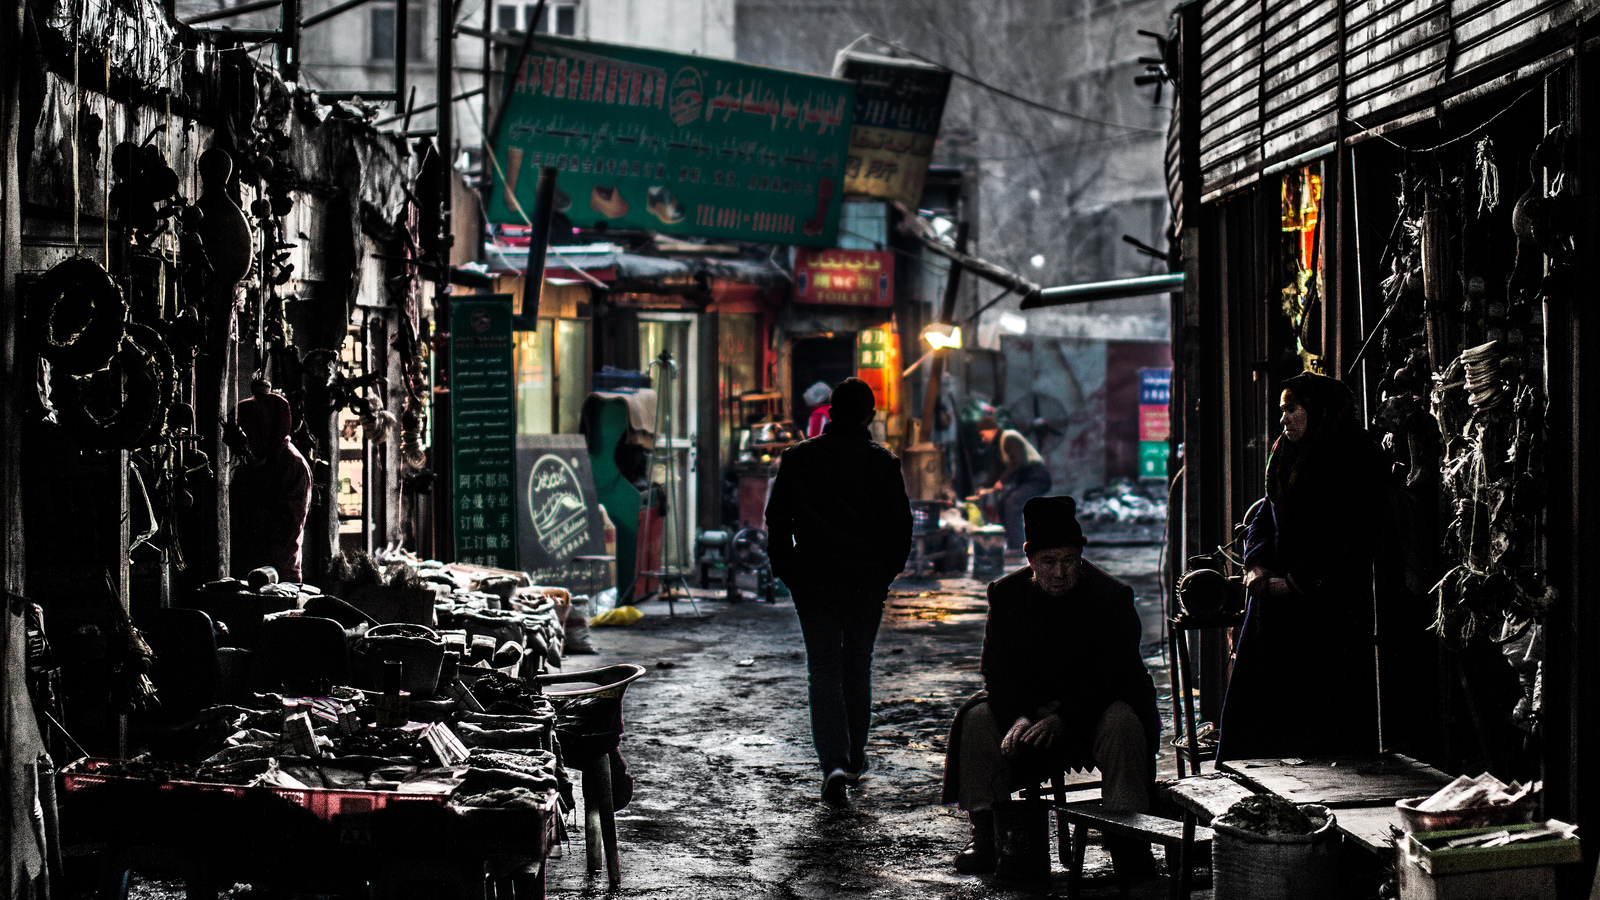 Xinjiang Région ouïghoure Urumchi